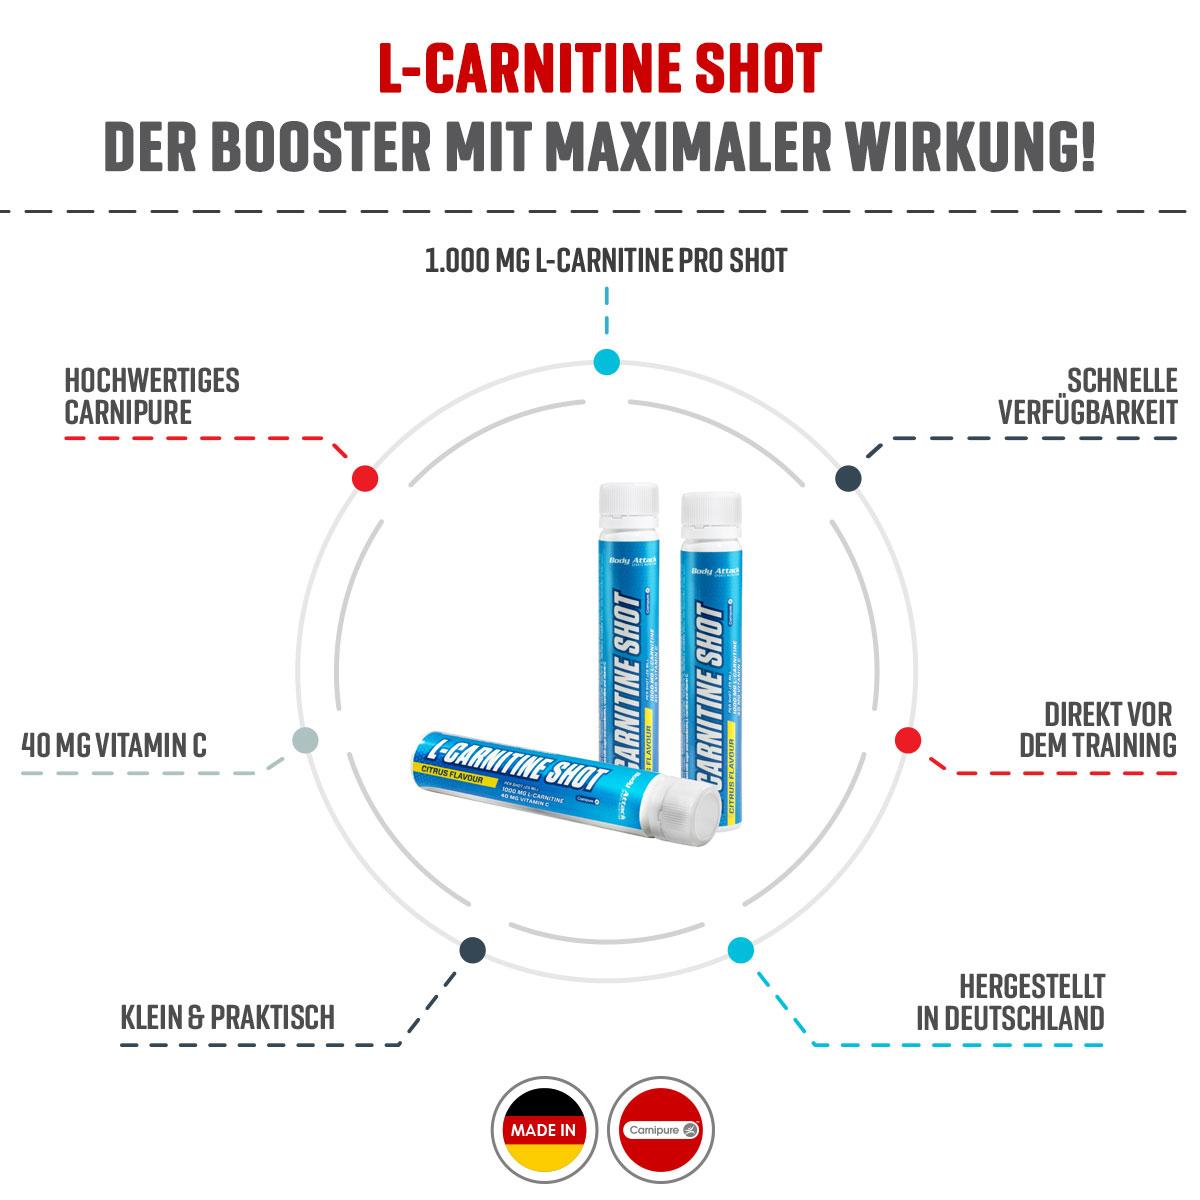 L-Carnitin-shot